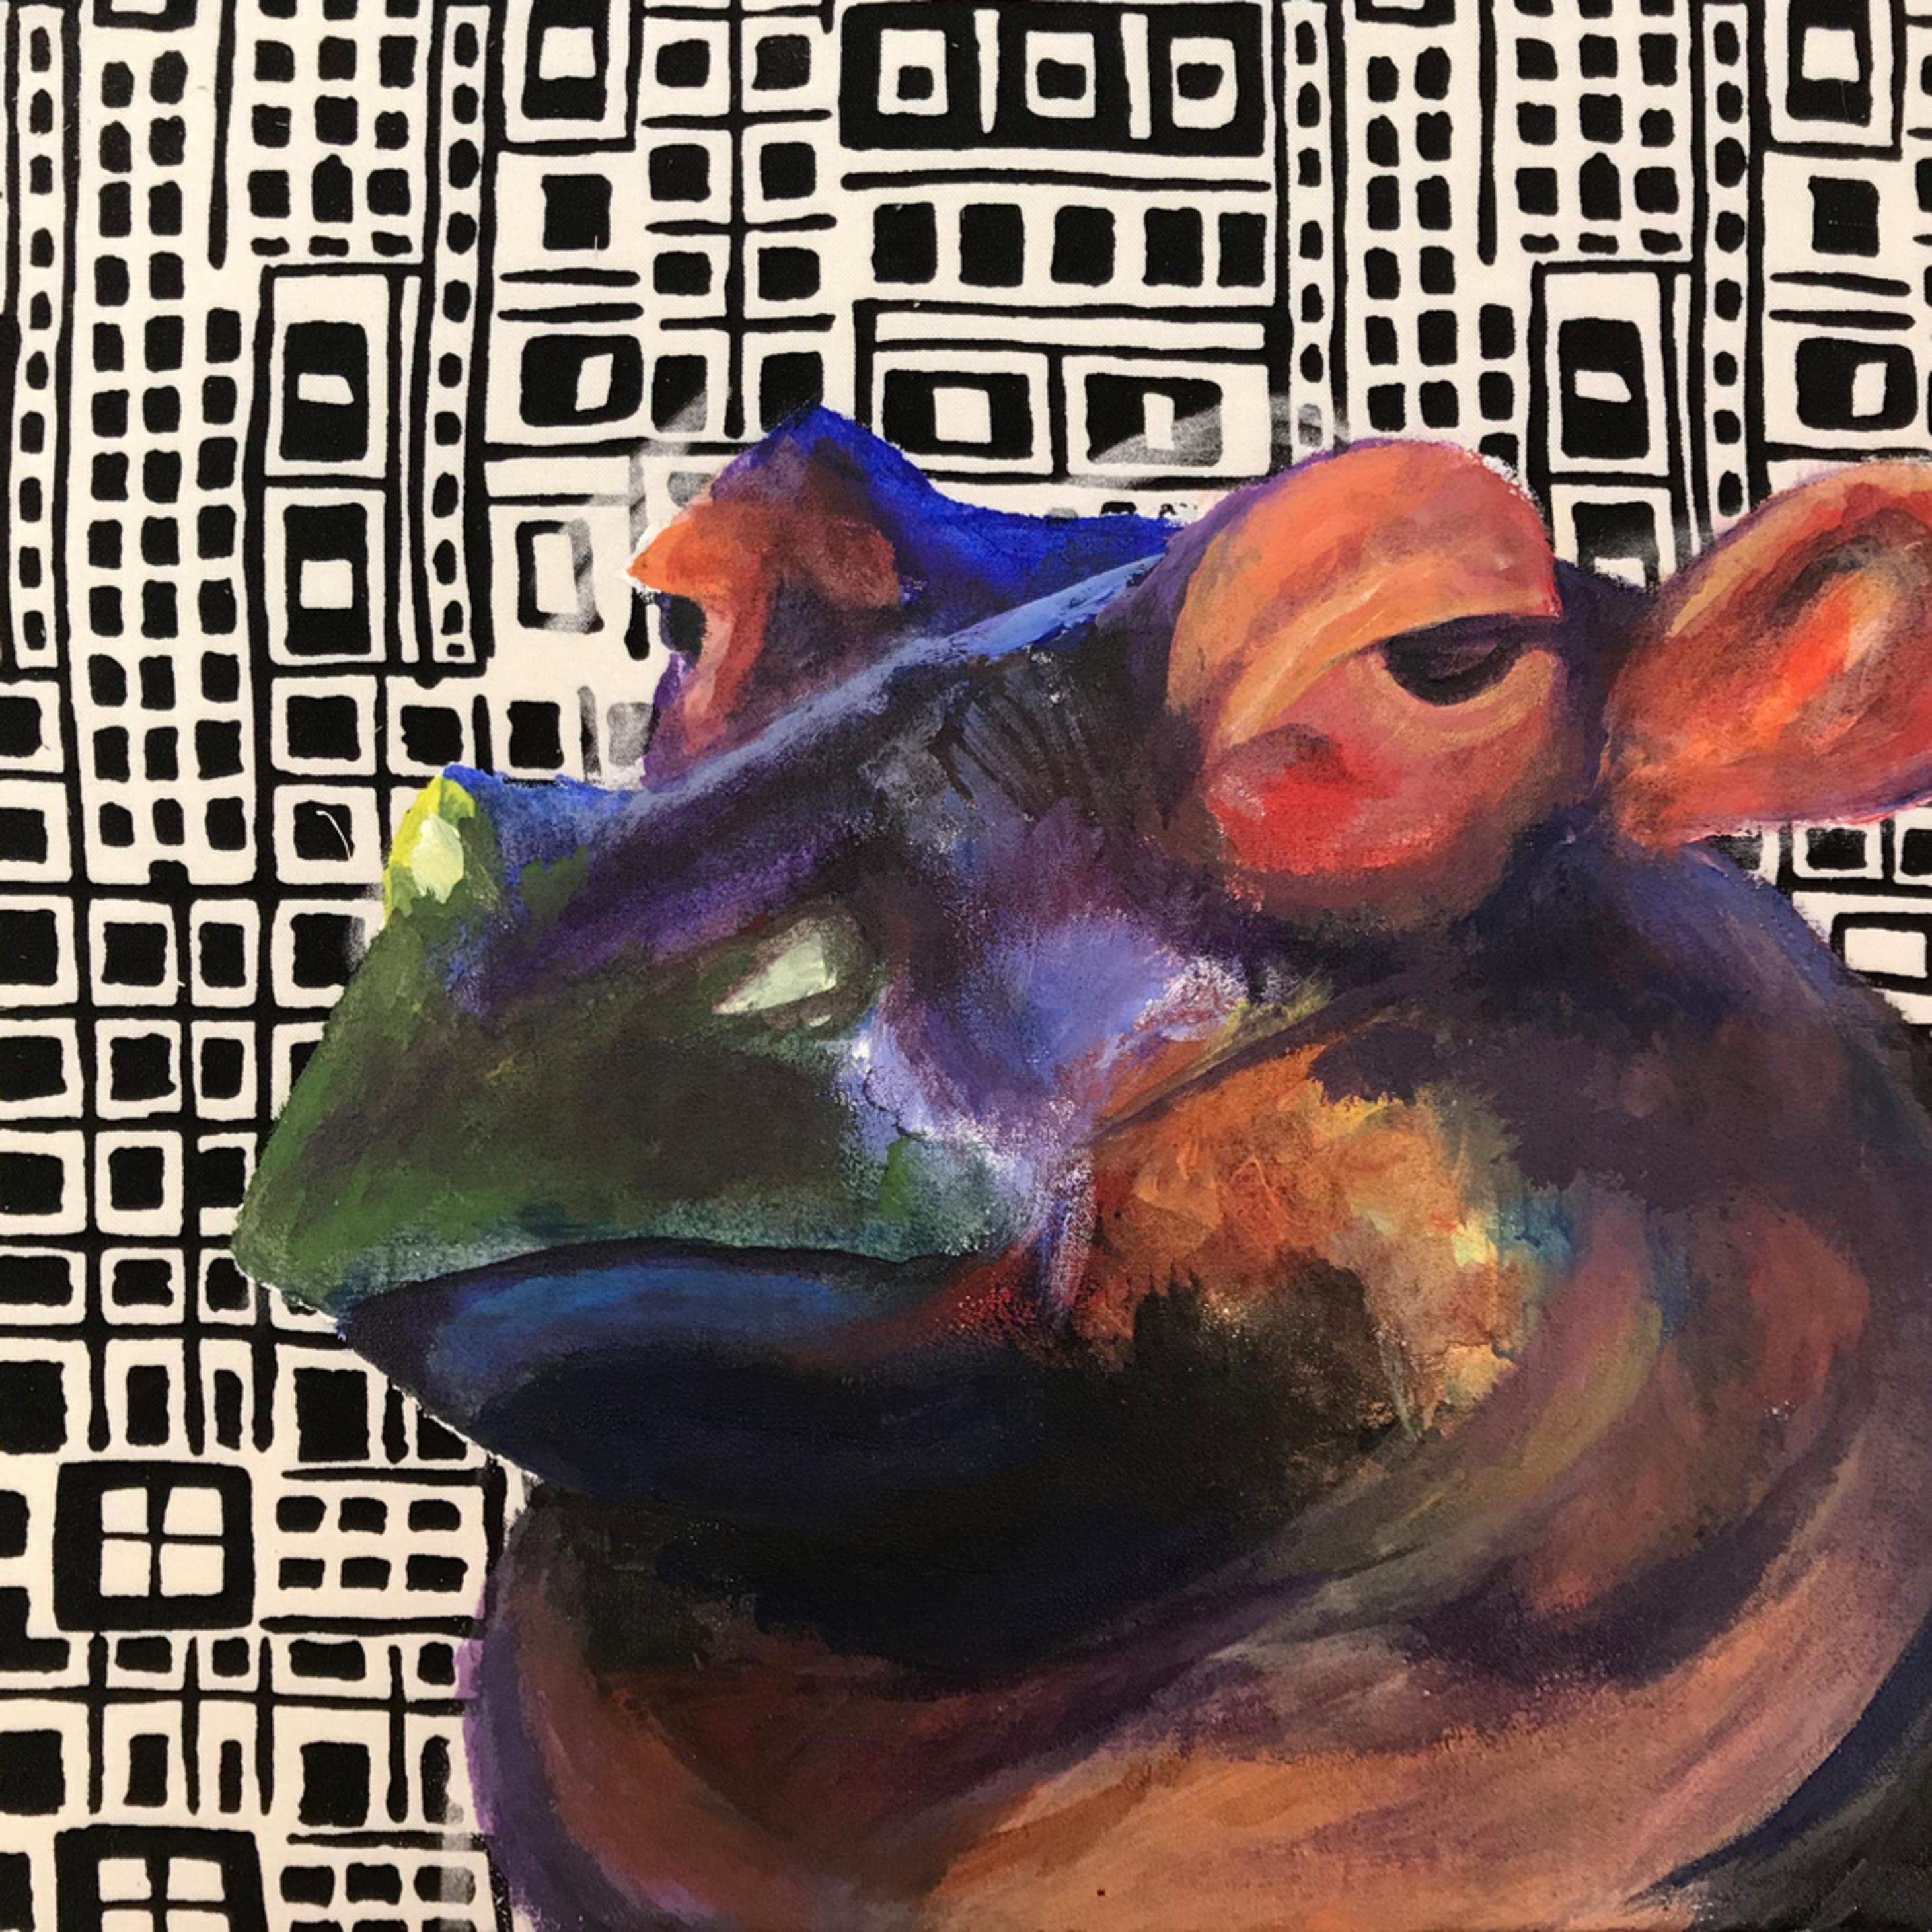 Hippo copy pn20sj